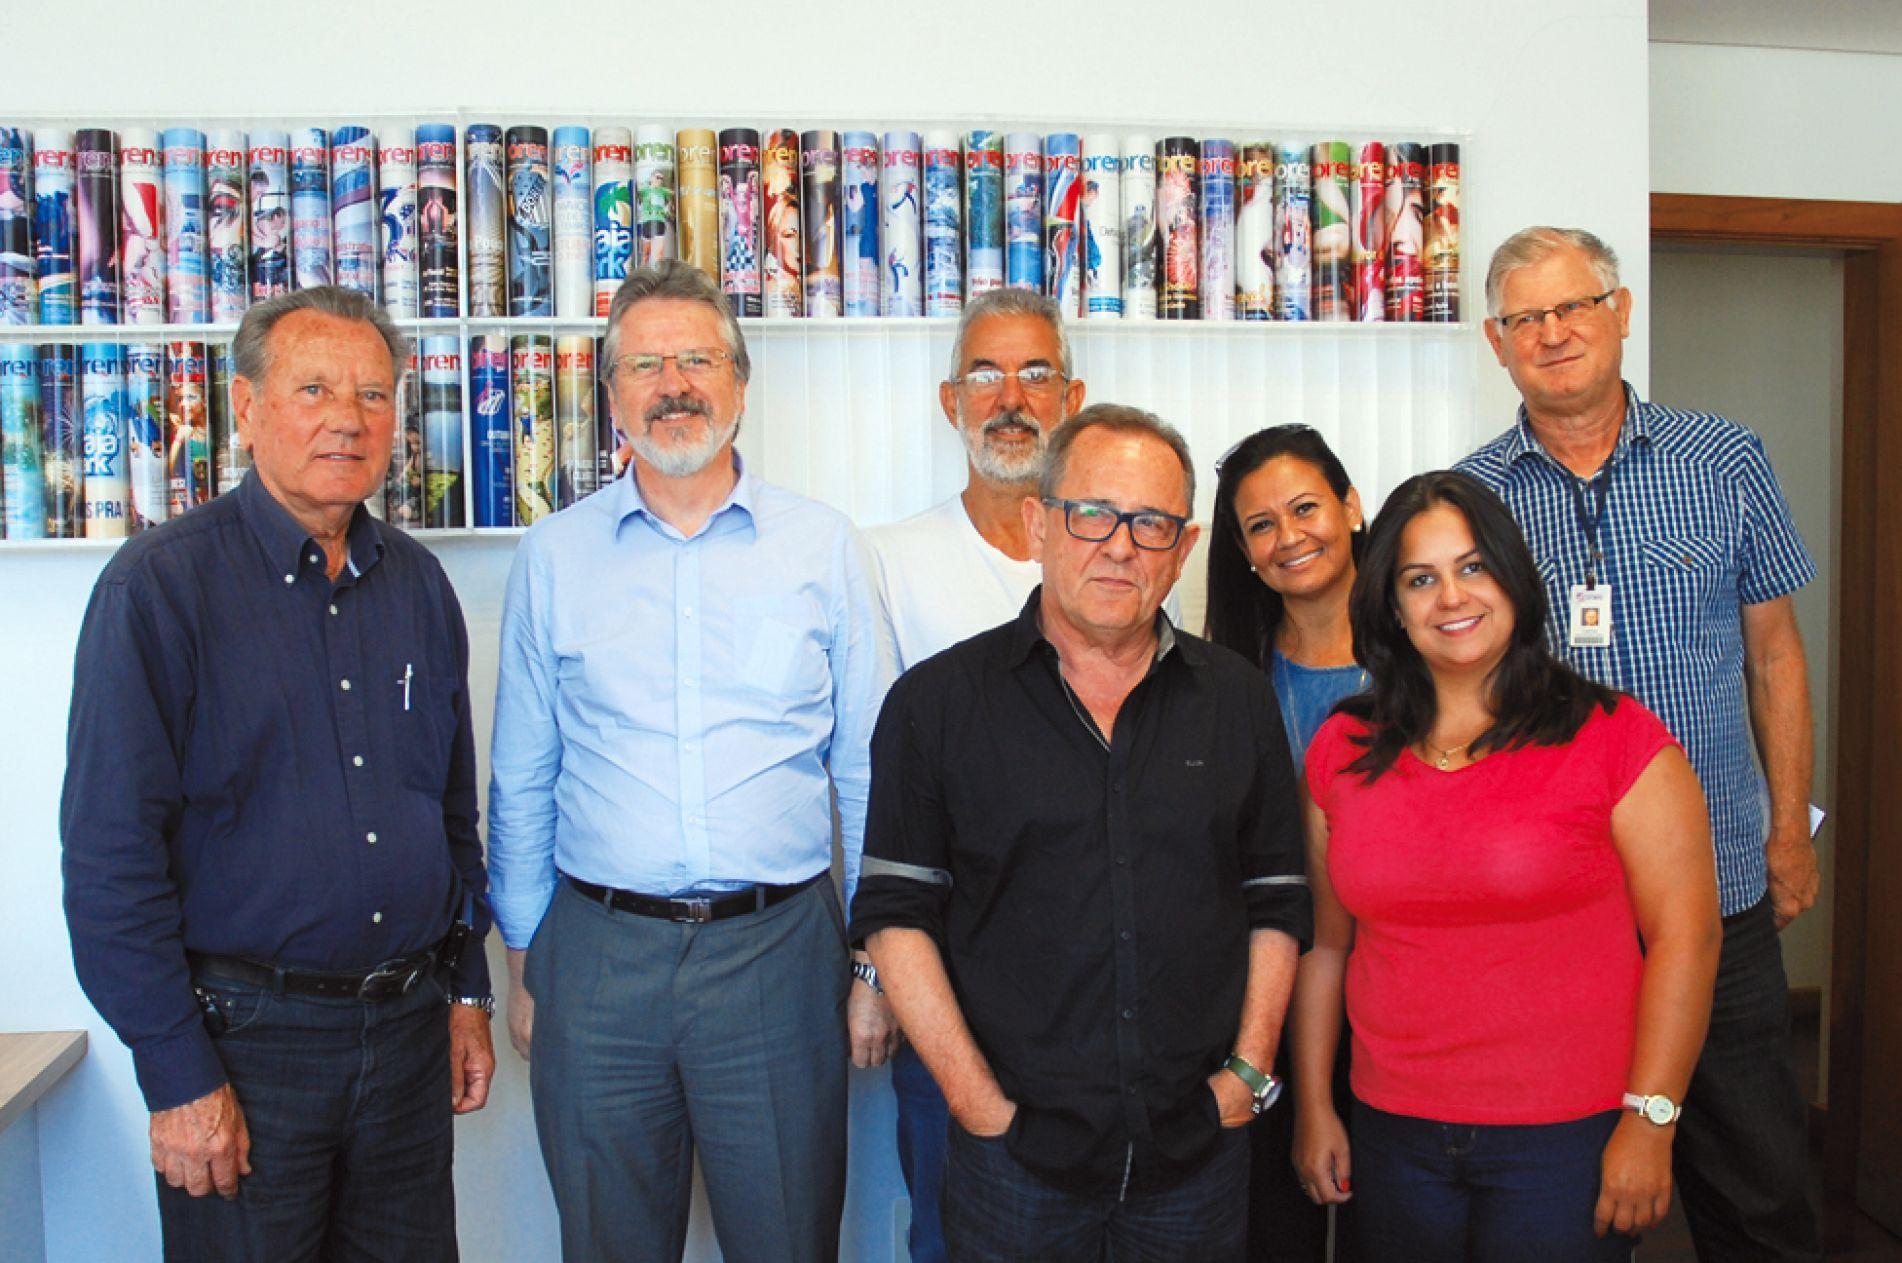 Da esquerda para a direita: Ademir Pozzobon, Ricardo Gehling, Geraldo Ache, Eládio da Cunha, Linda Lopes, Núbia Lacerda e Carlos Londero.